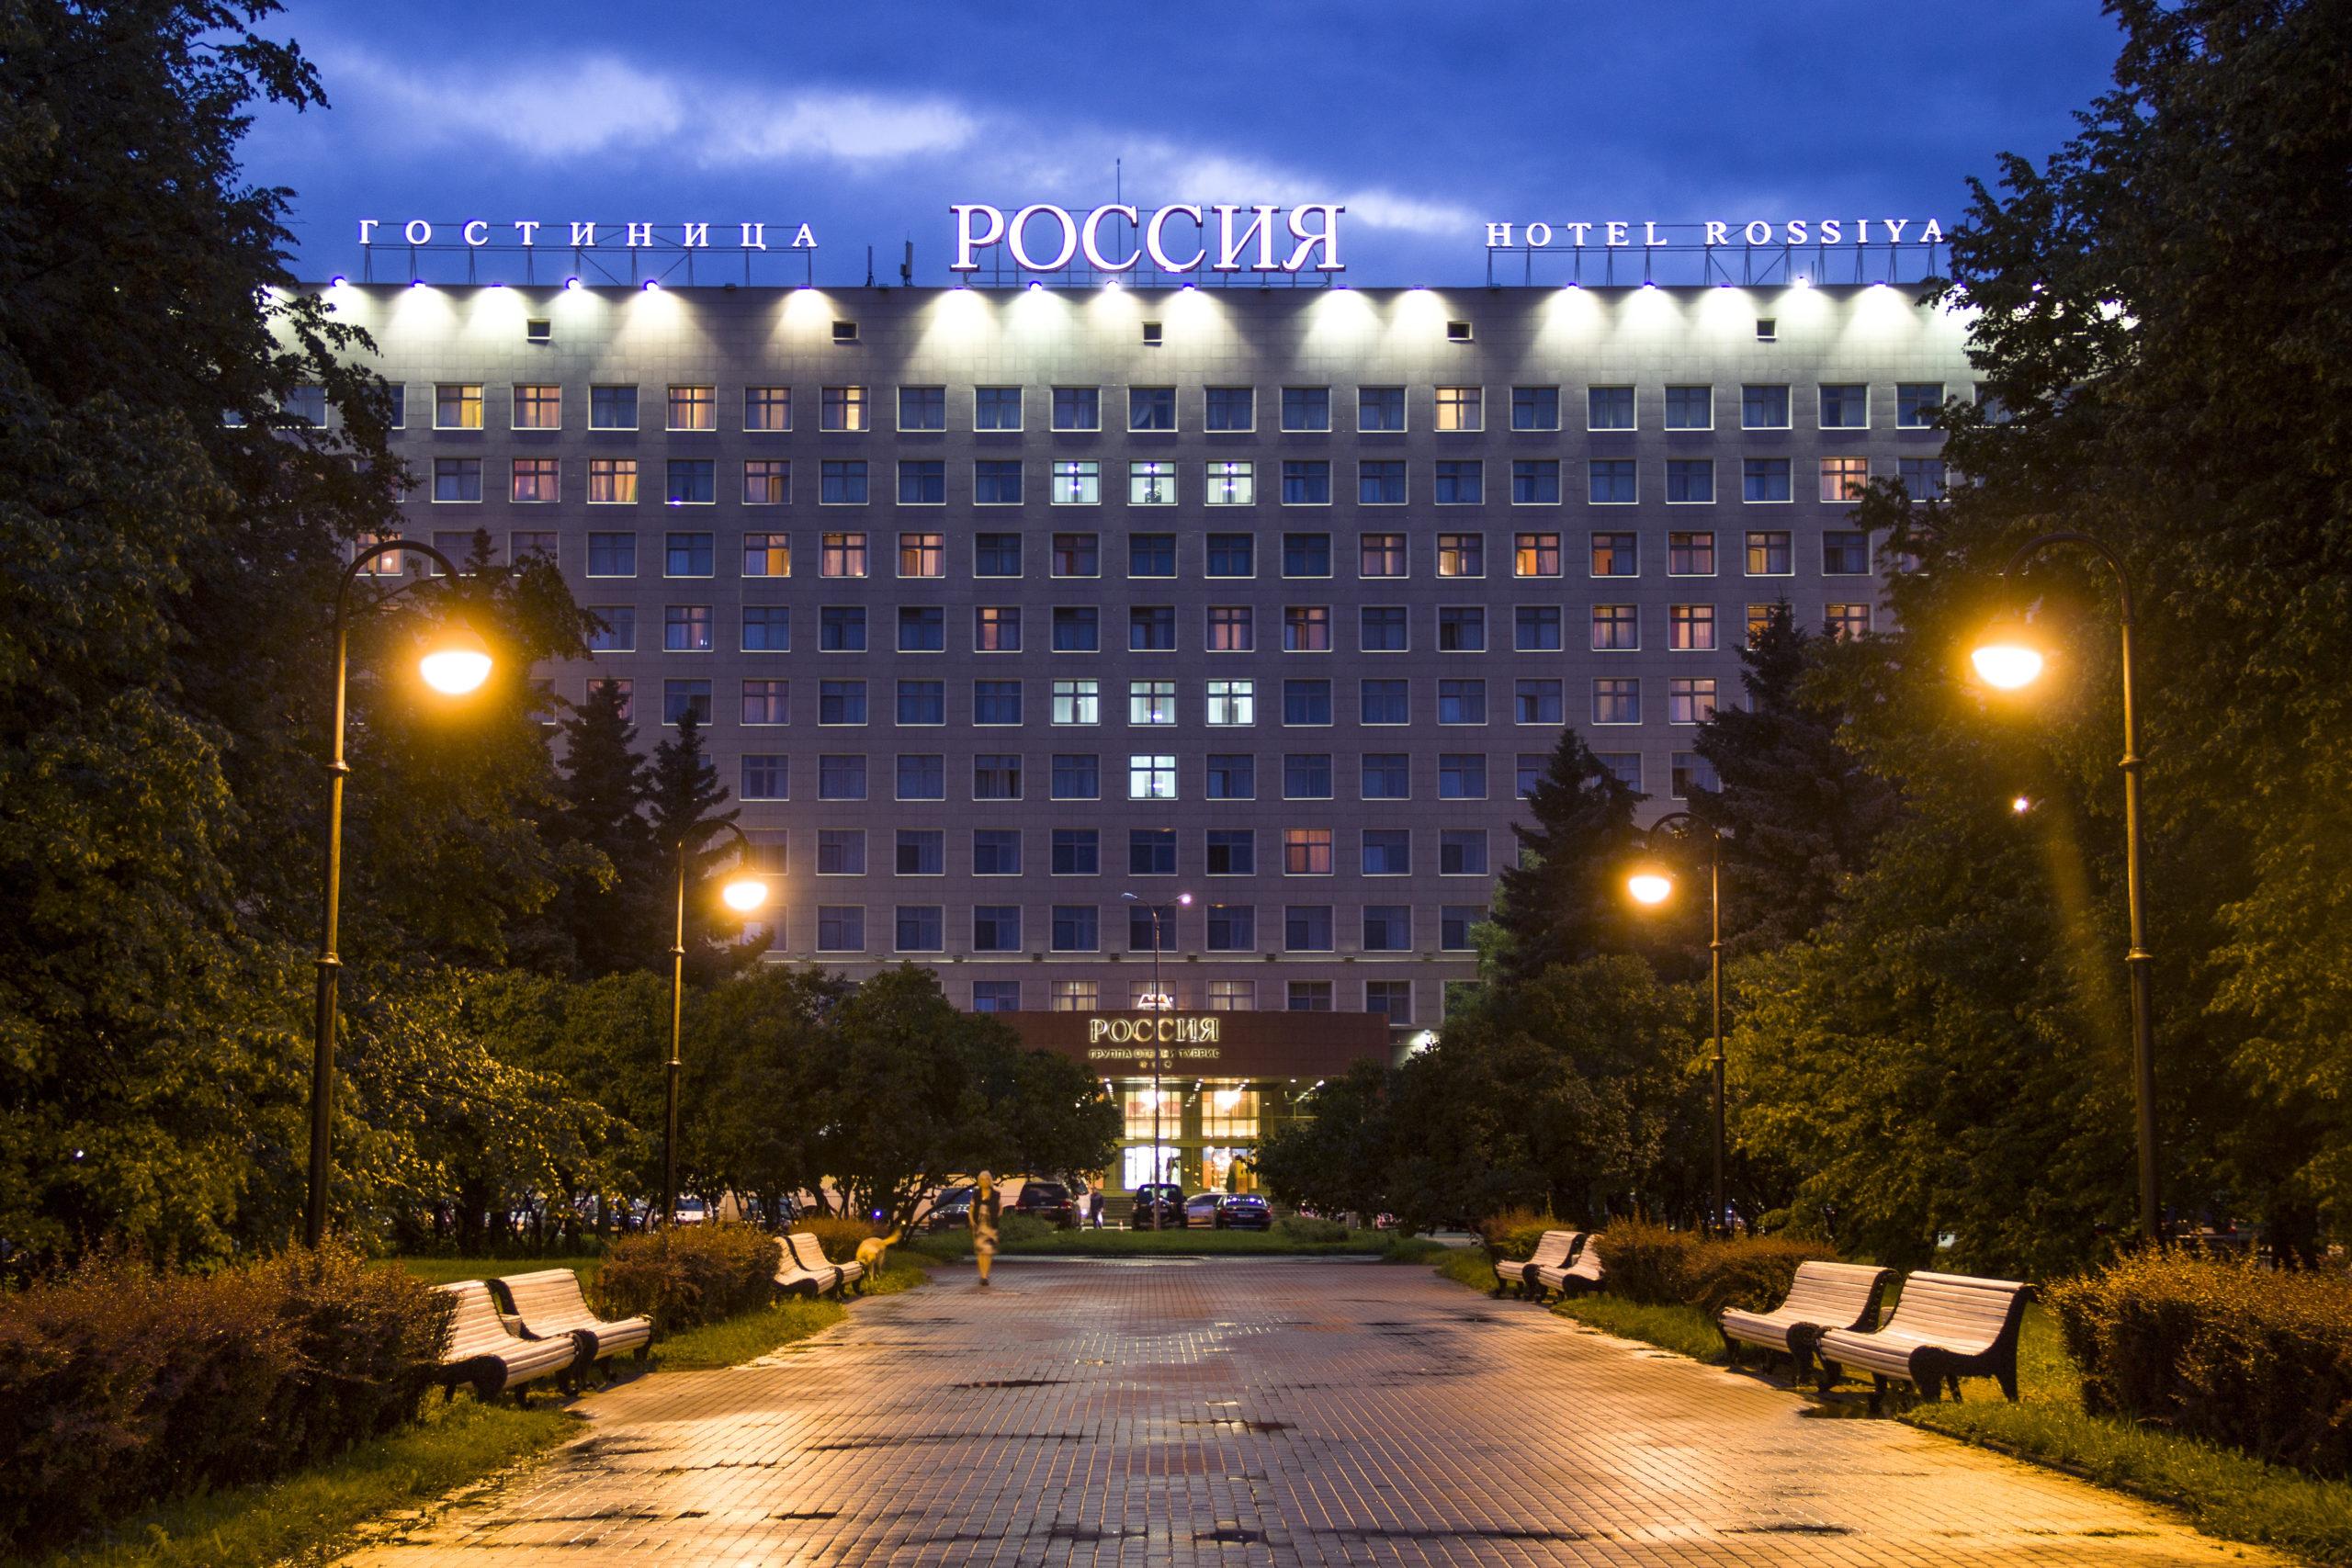 Отели России попросили разработать меры по их скорейшему открытию